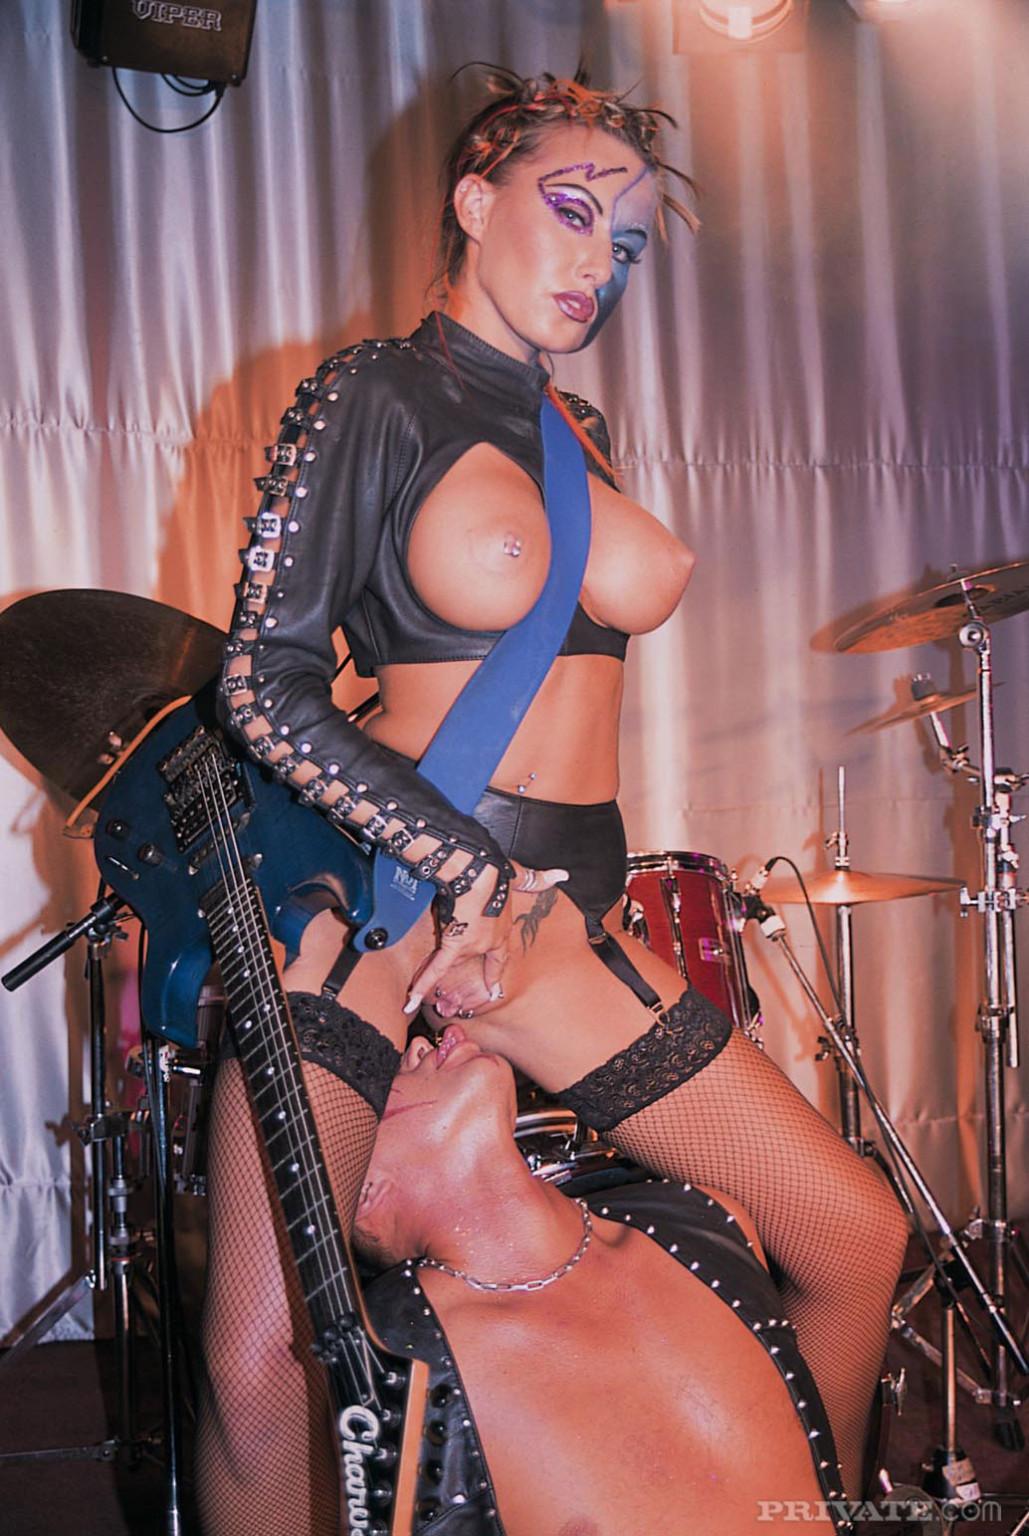 Sandra Iron, Michelle Wild - Публичное - Галерея № 3434357